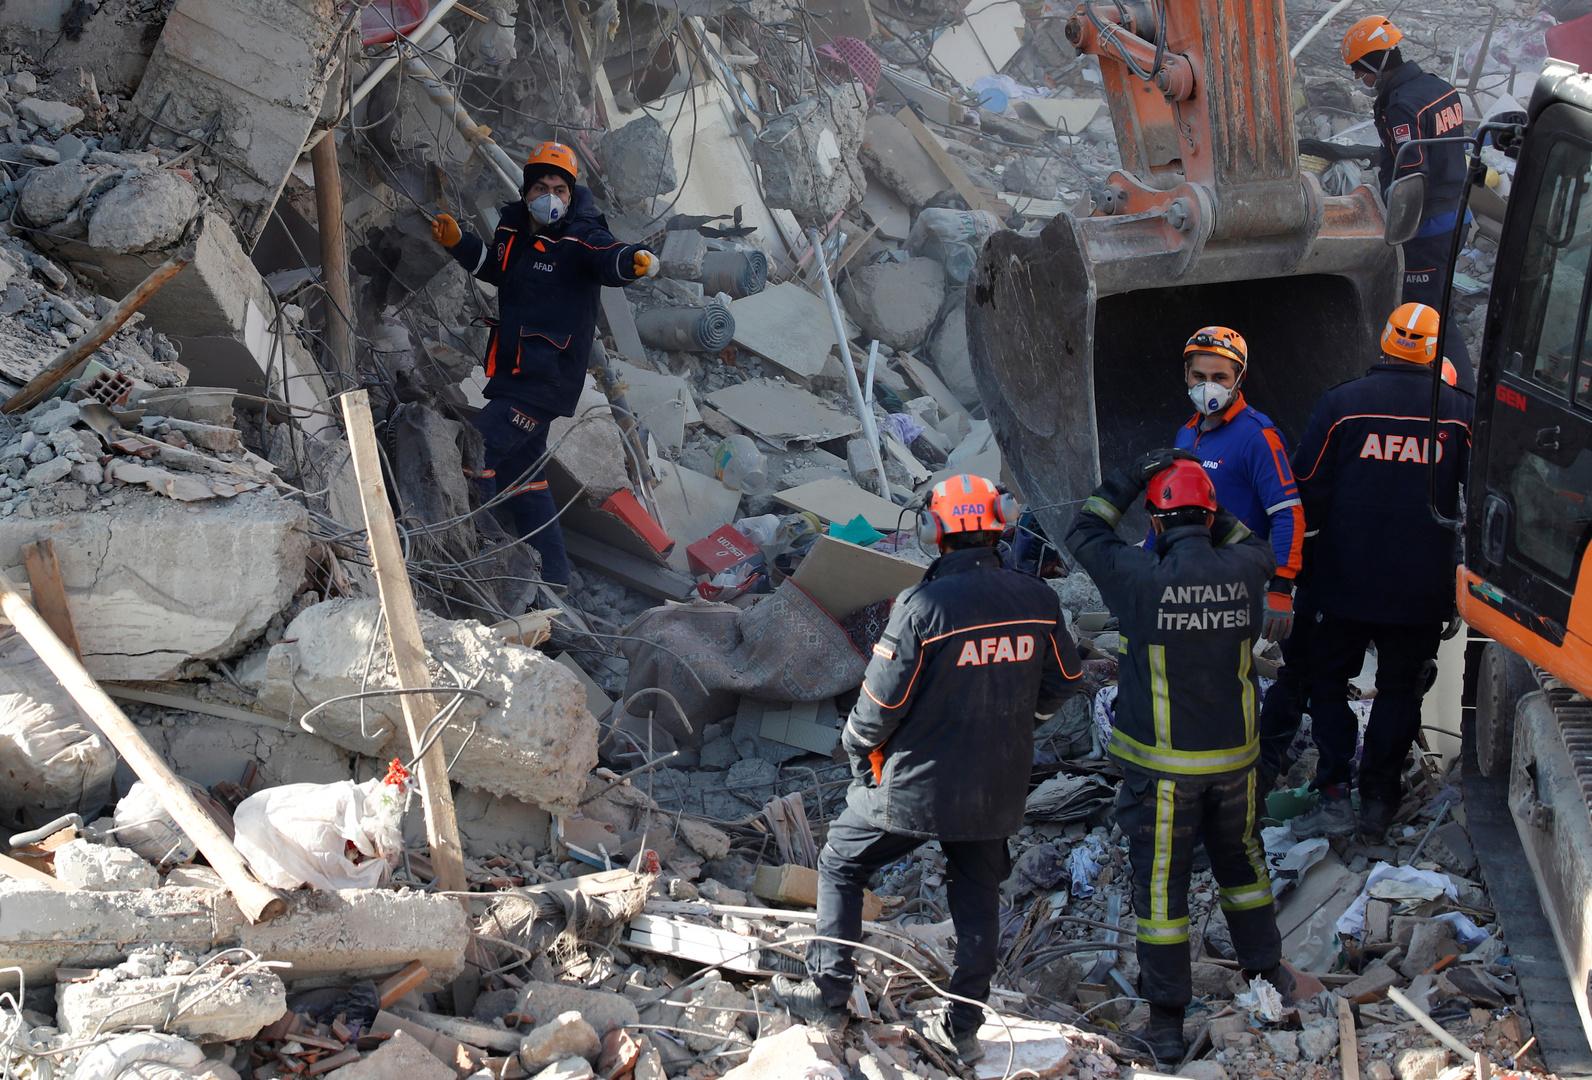 دبلوماسي تركي: موسكو عرضت على أنقرة المساعدة في معالجة آثار الزلزال